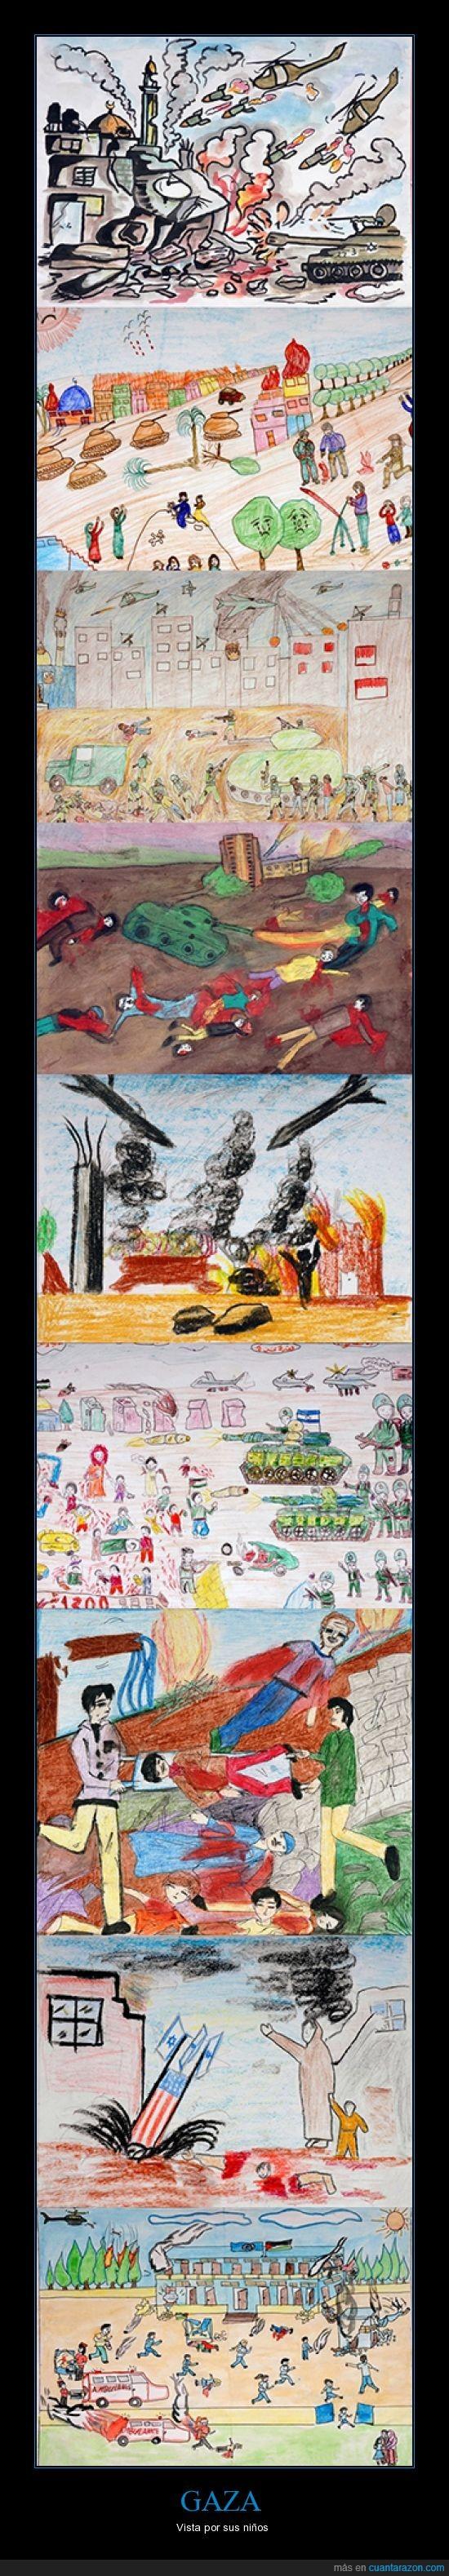 dibujos,dolor,Gaza,guerra,niños,Palestina,sufrimiento